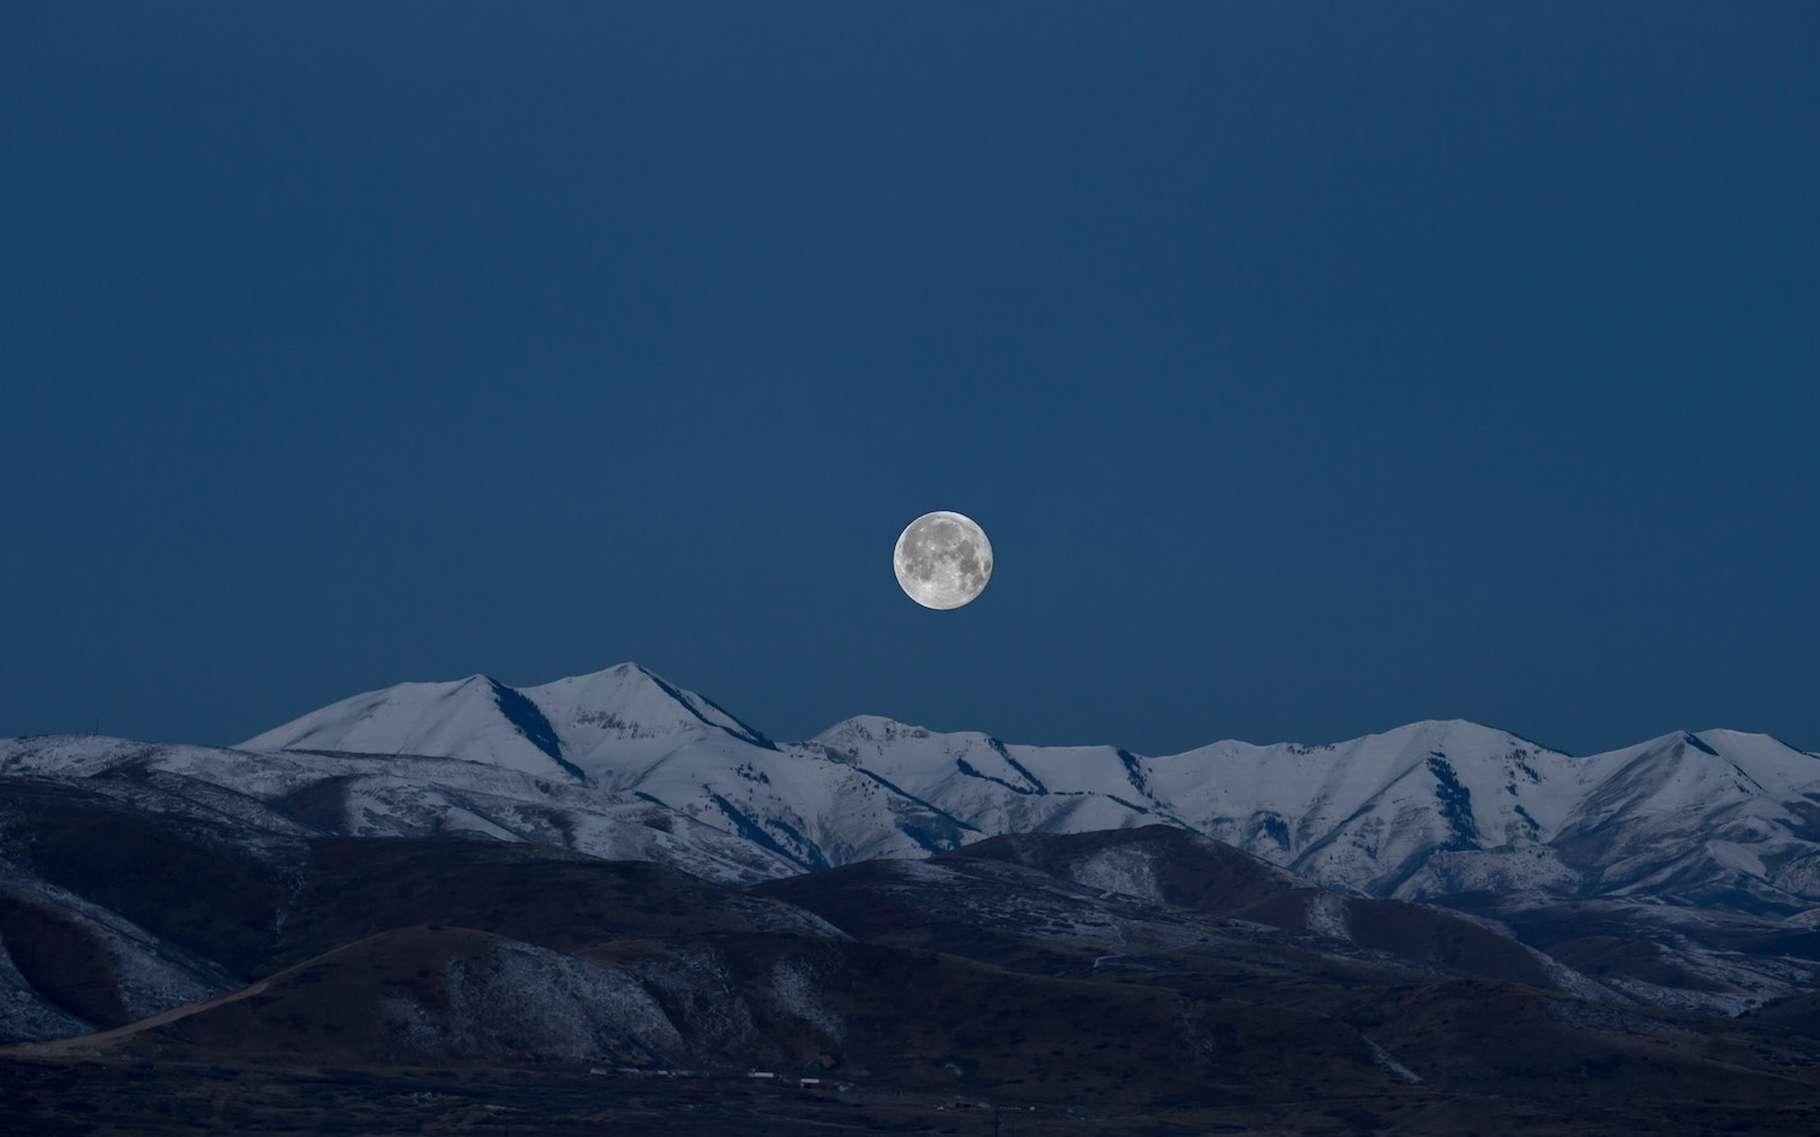 Lorsque la Lune est à son apogée, elle nous apparaît légèrement plus petite qu'habituellement. © Benjamin Child, Unsplash